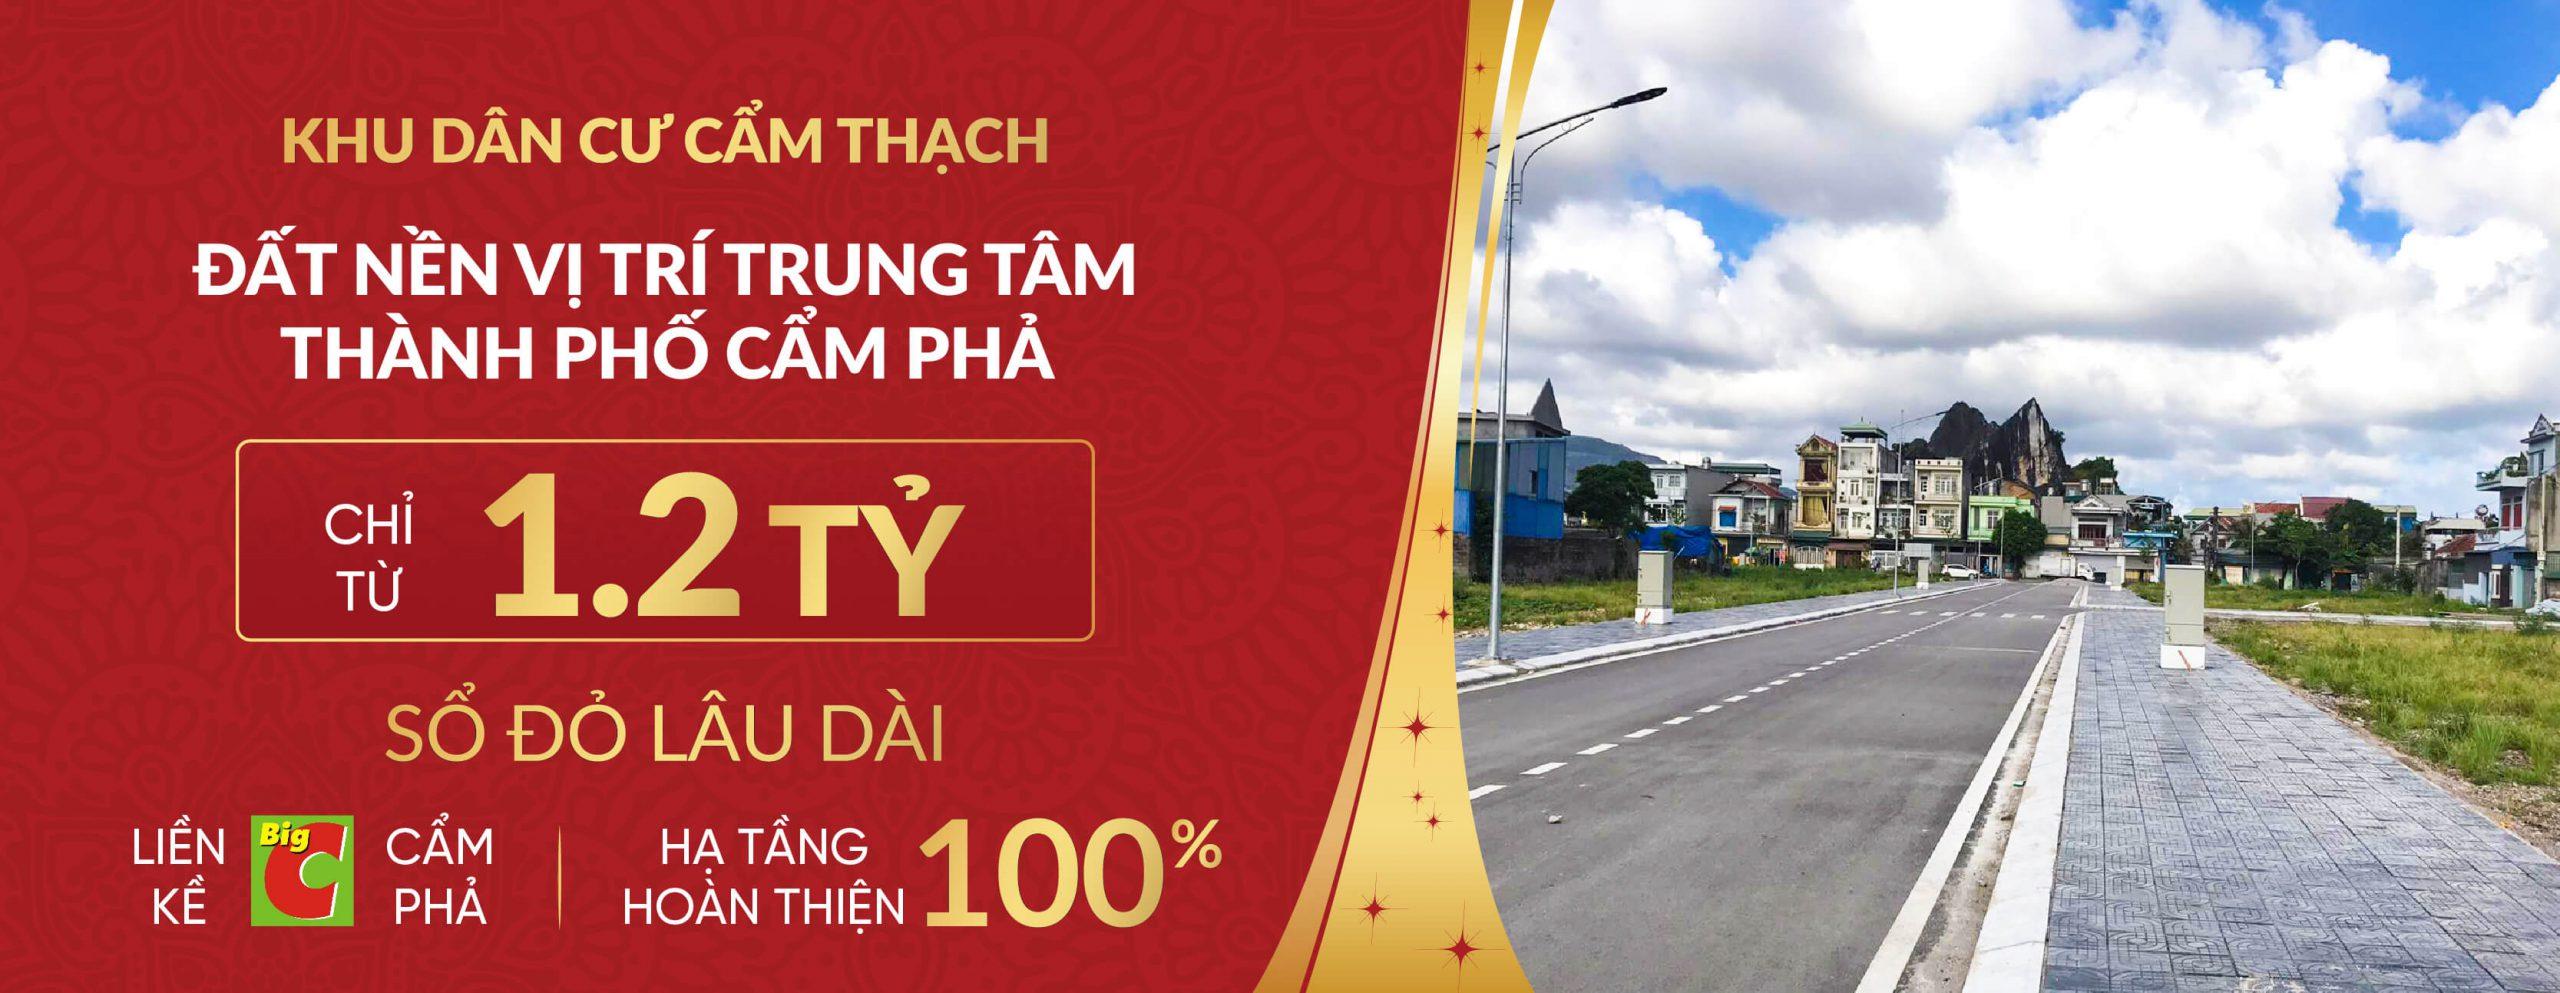 banner khu dân cư cẩm thạch